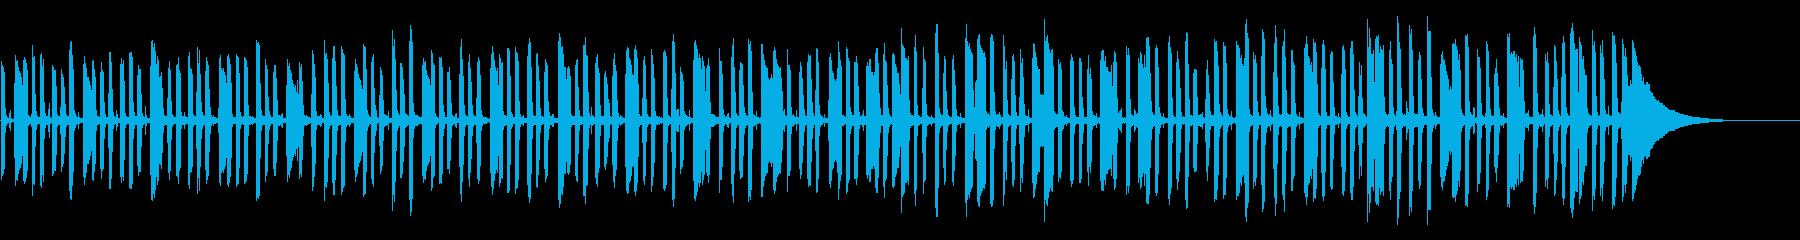 ギター生演奏ジャズ&ブルースほのぼの日常の再生済みの波形